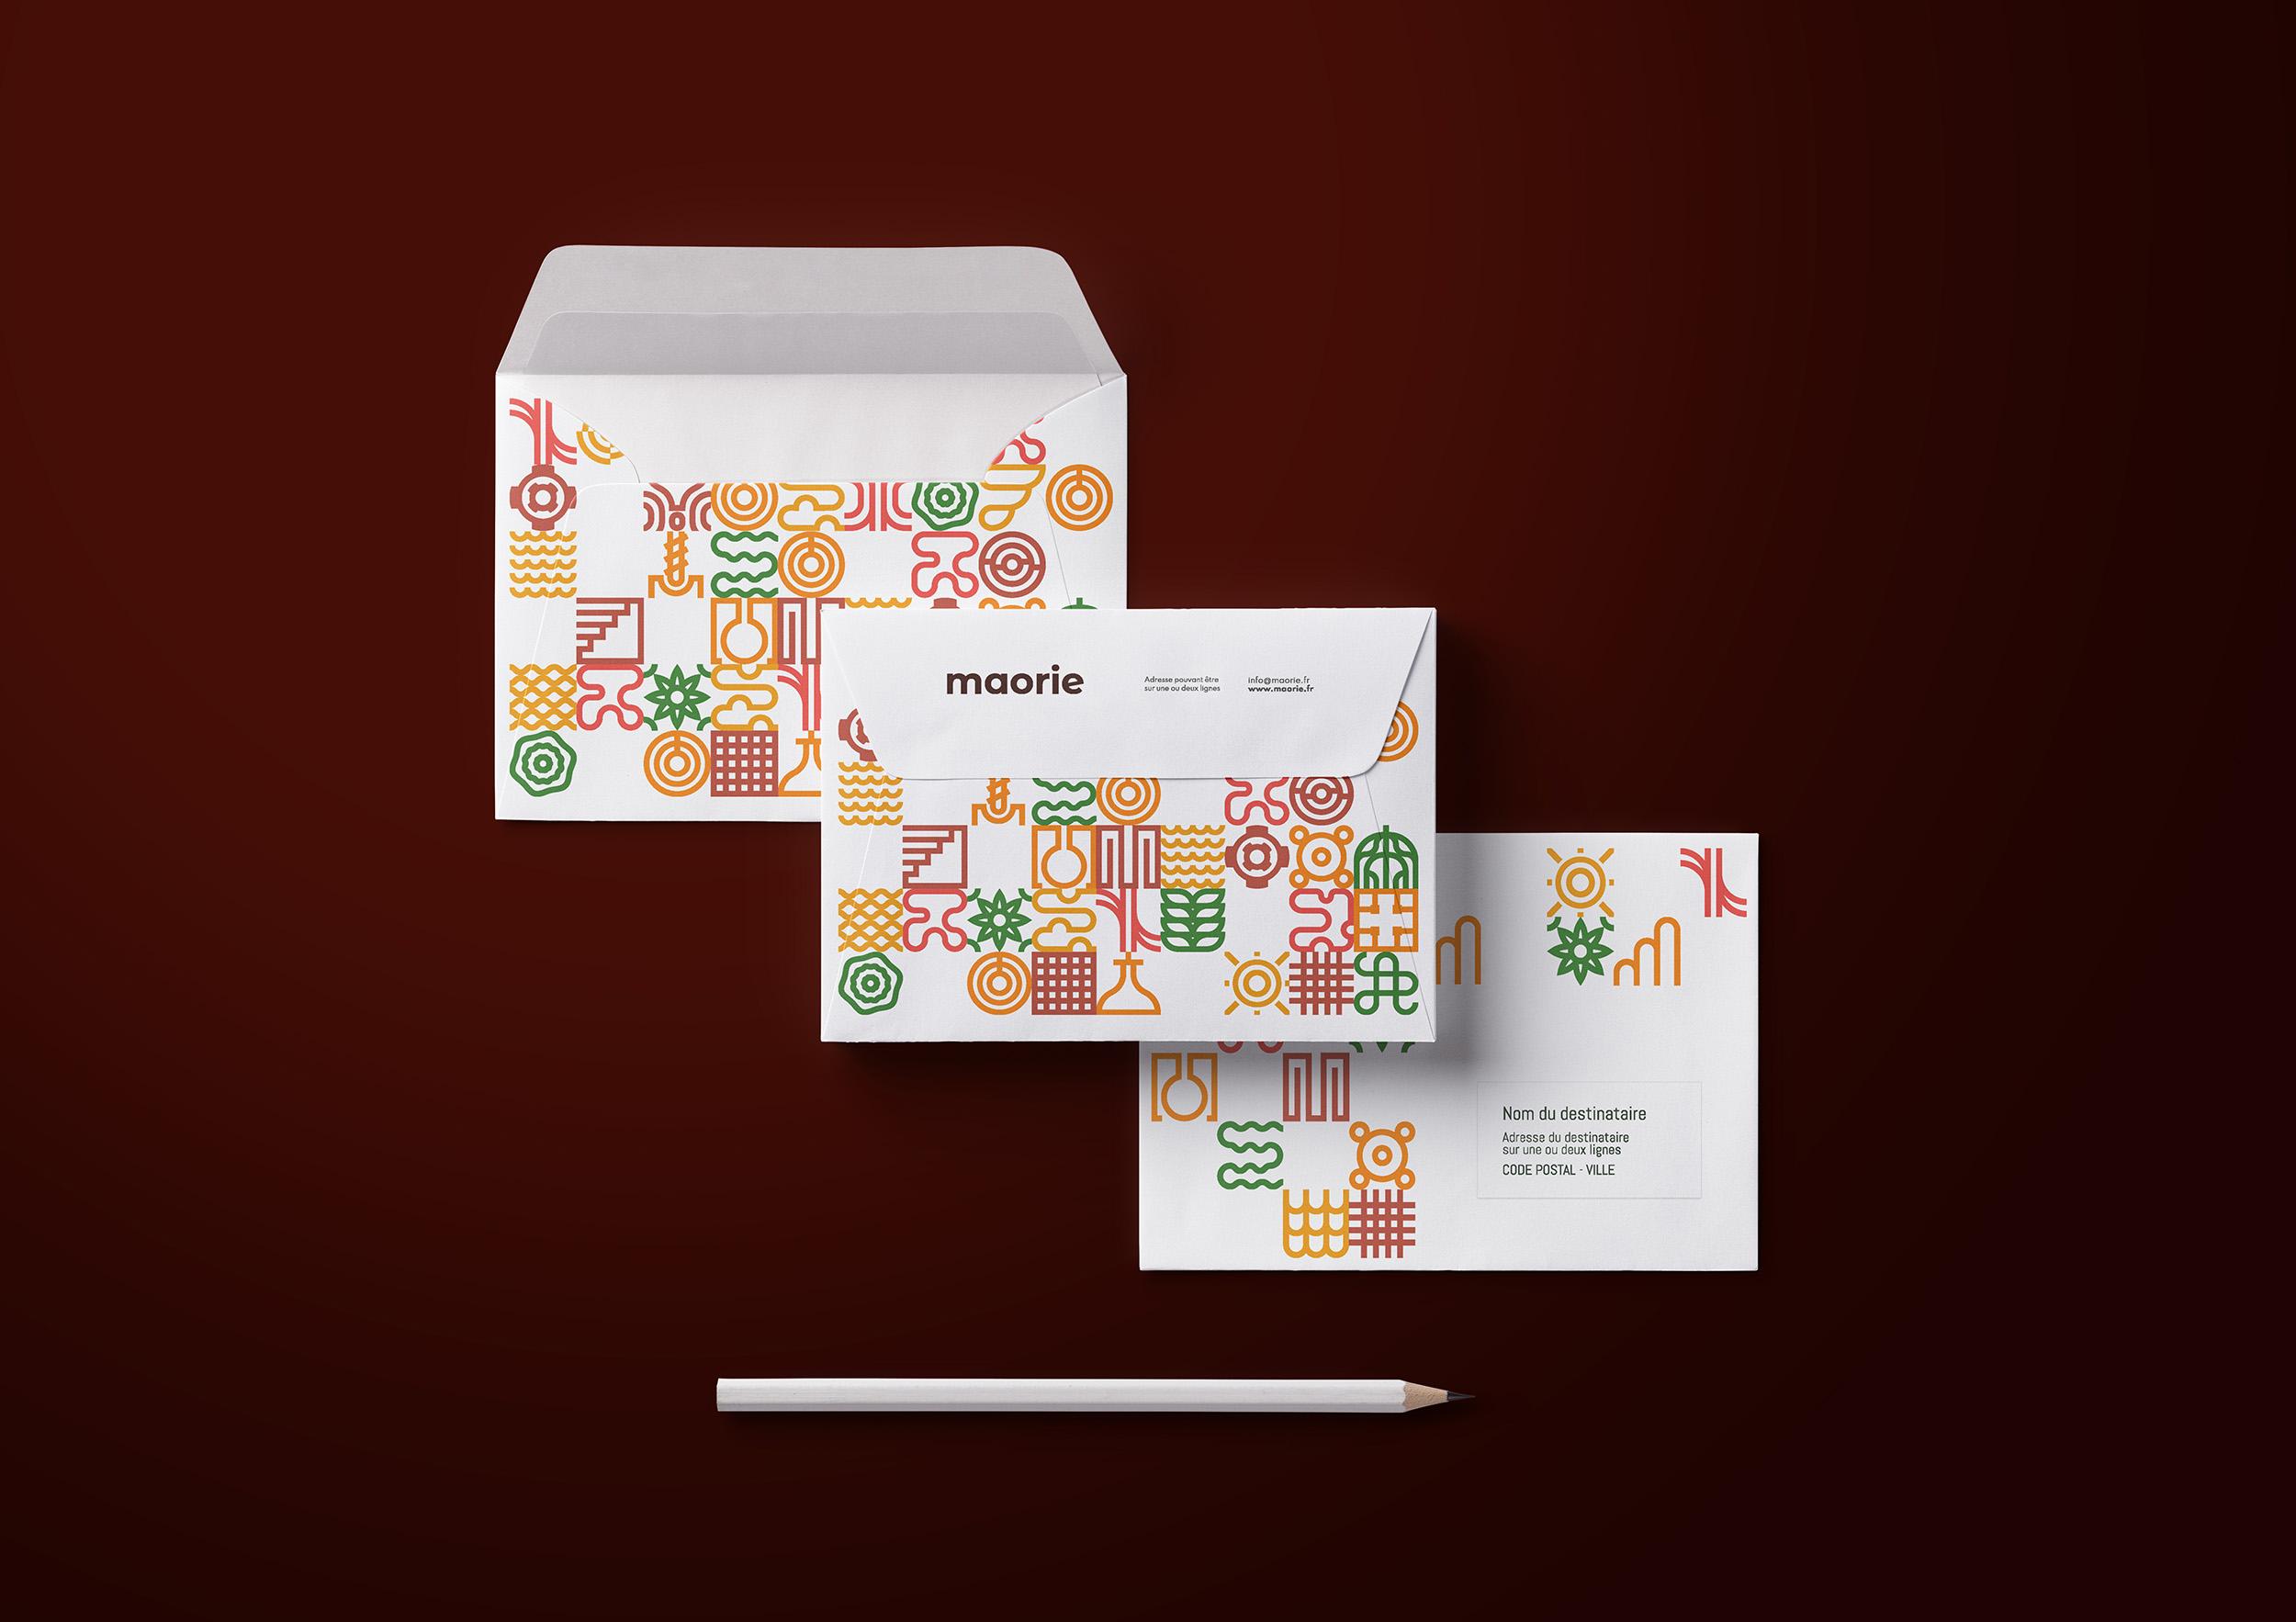 enveloppe, invitation, identité visuelle, symboles, papeterie